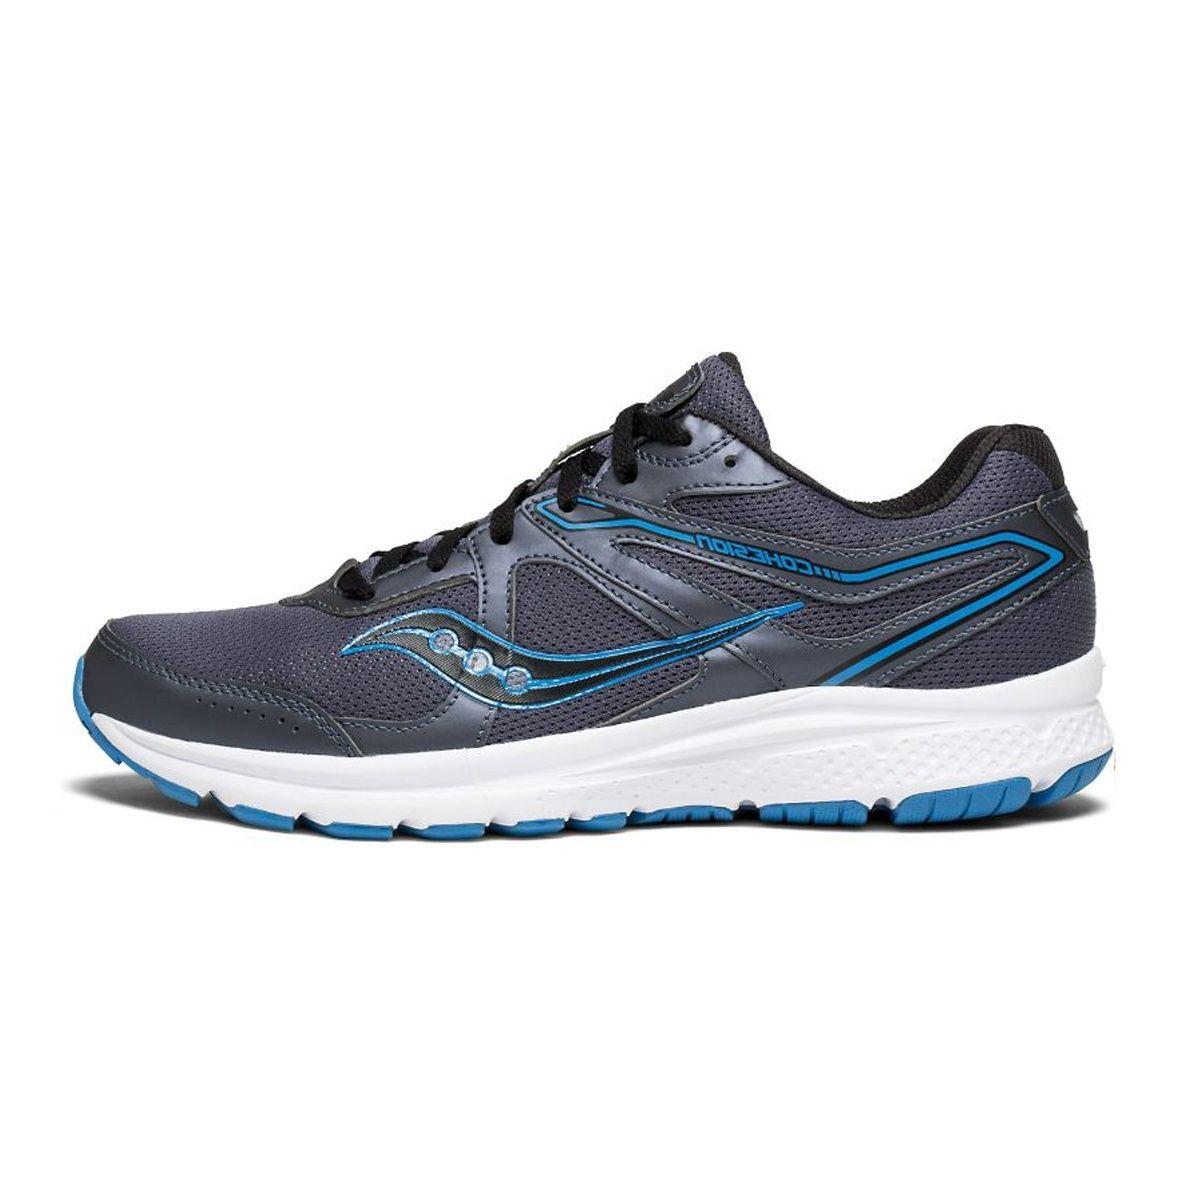 کفش مخصوص دویدن مردانه ساکنی مدل GRID COHESION 11 کد S20420-2 -  - 1